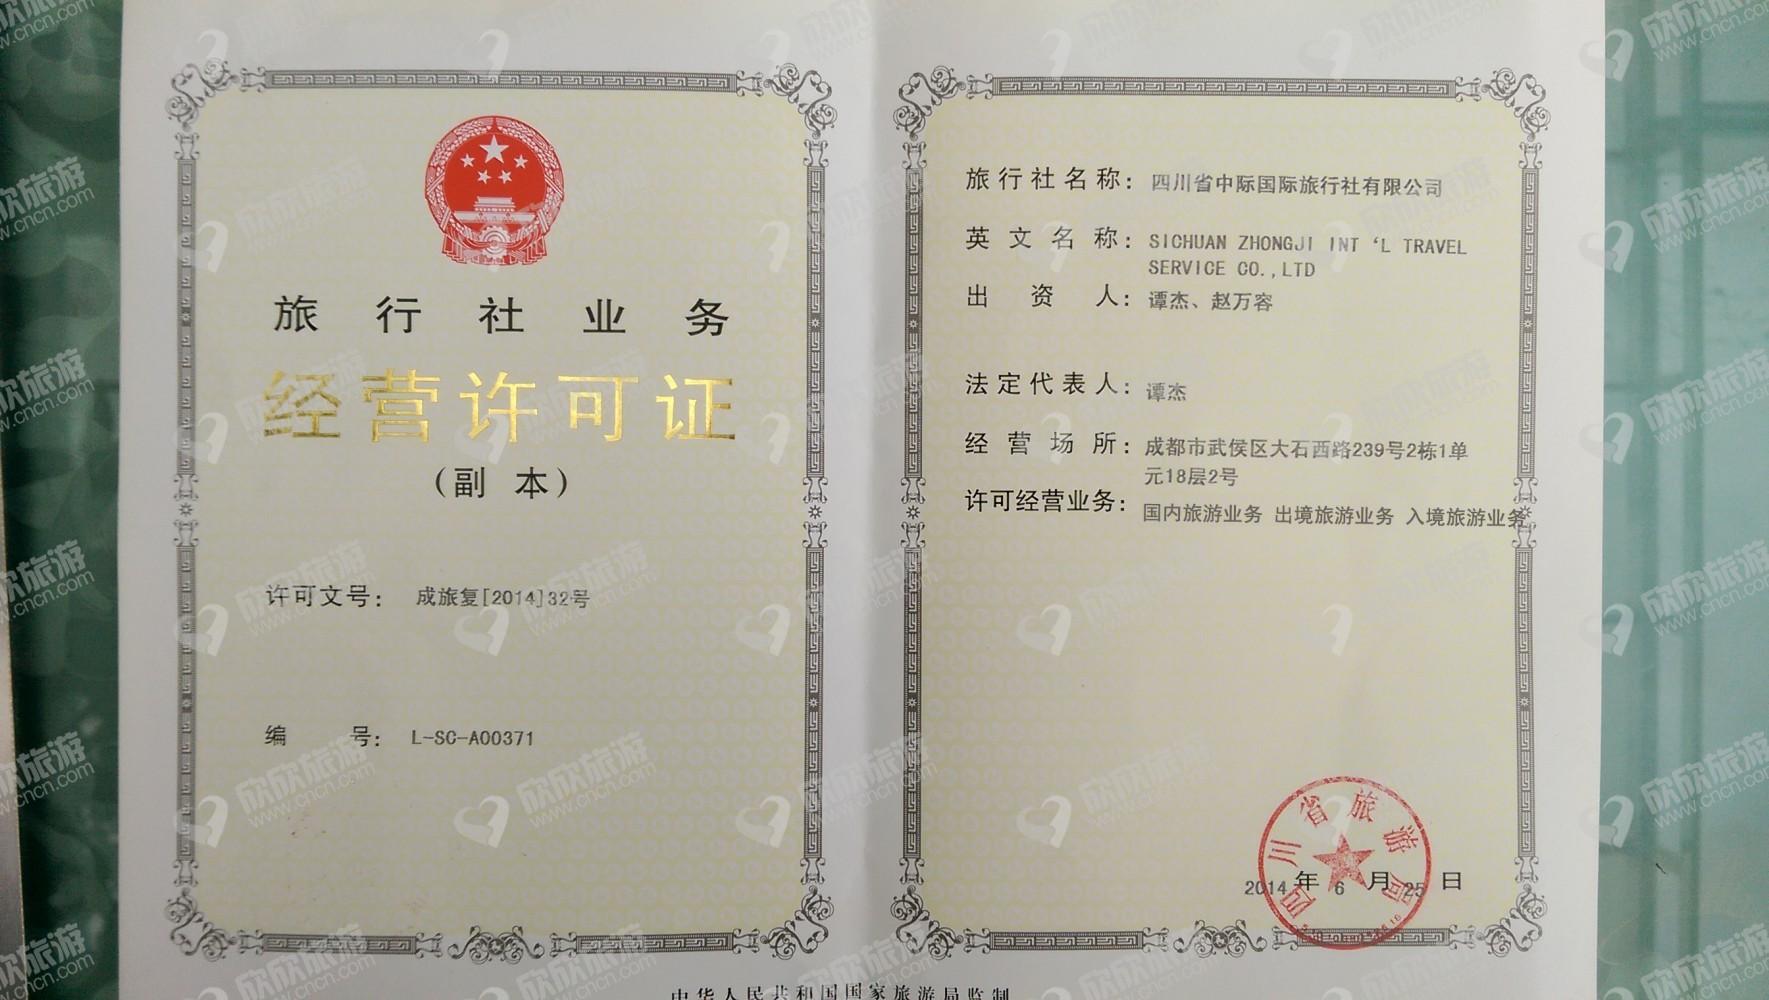 四川省中际国际旅行社有限公司经营许可证